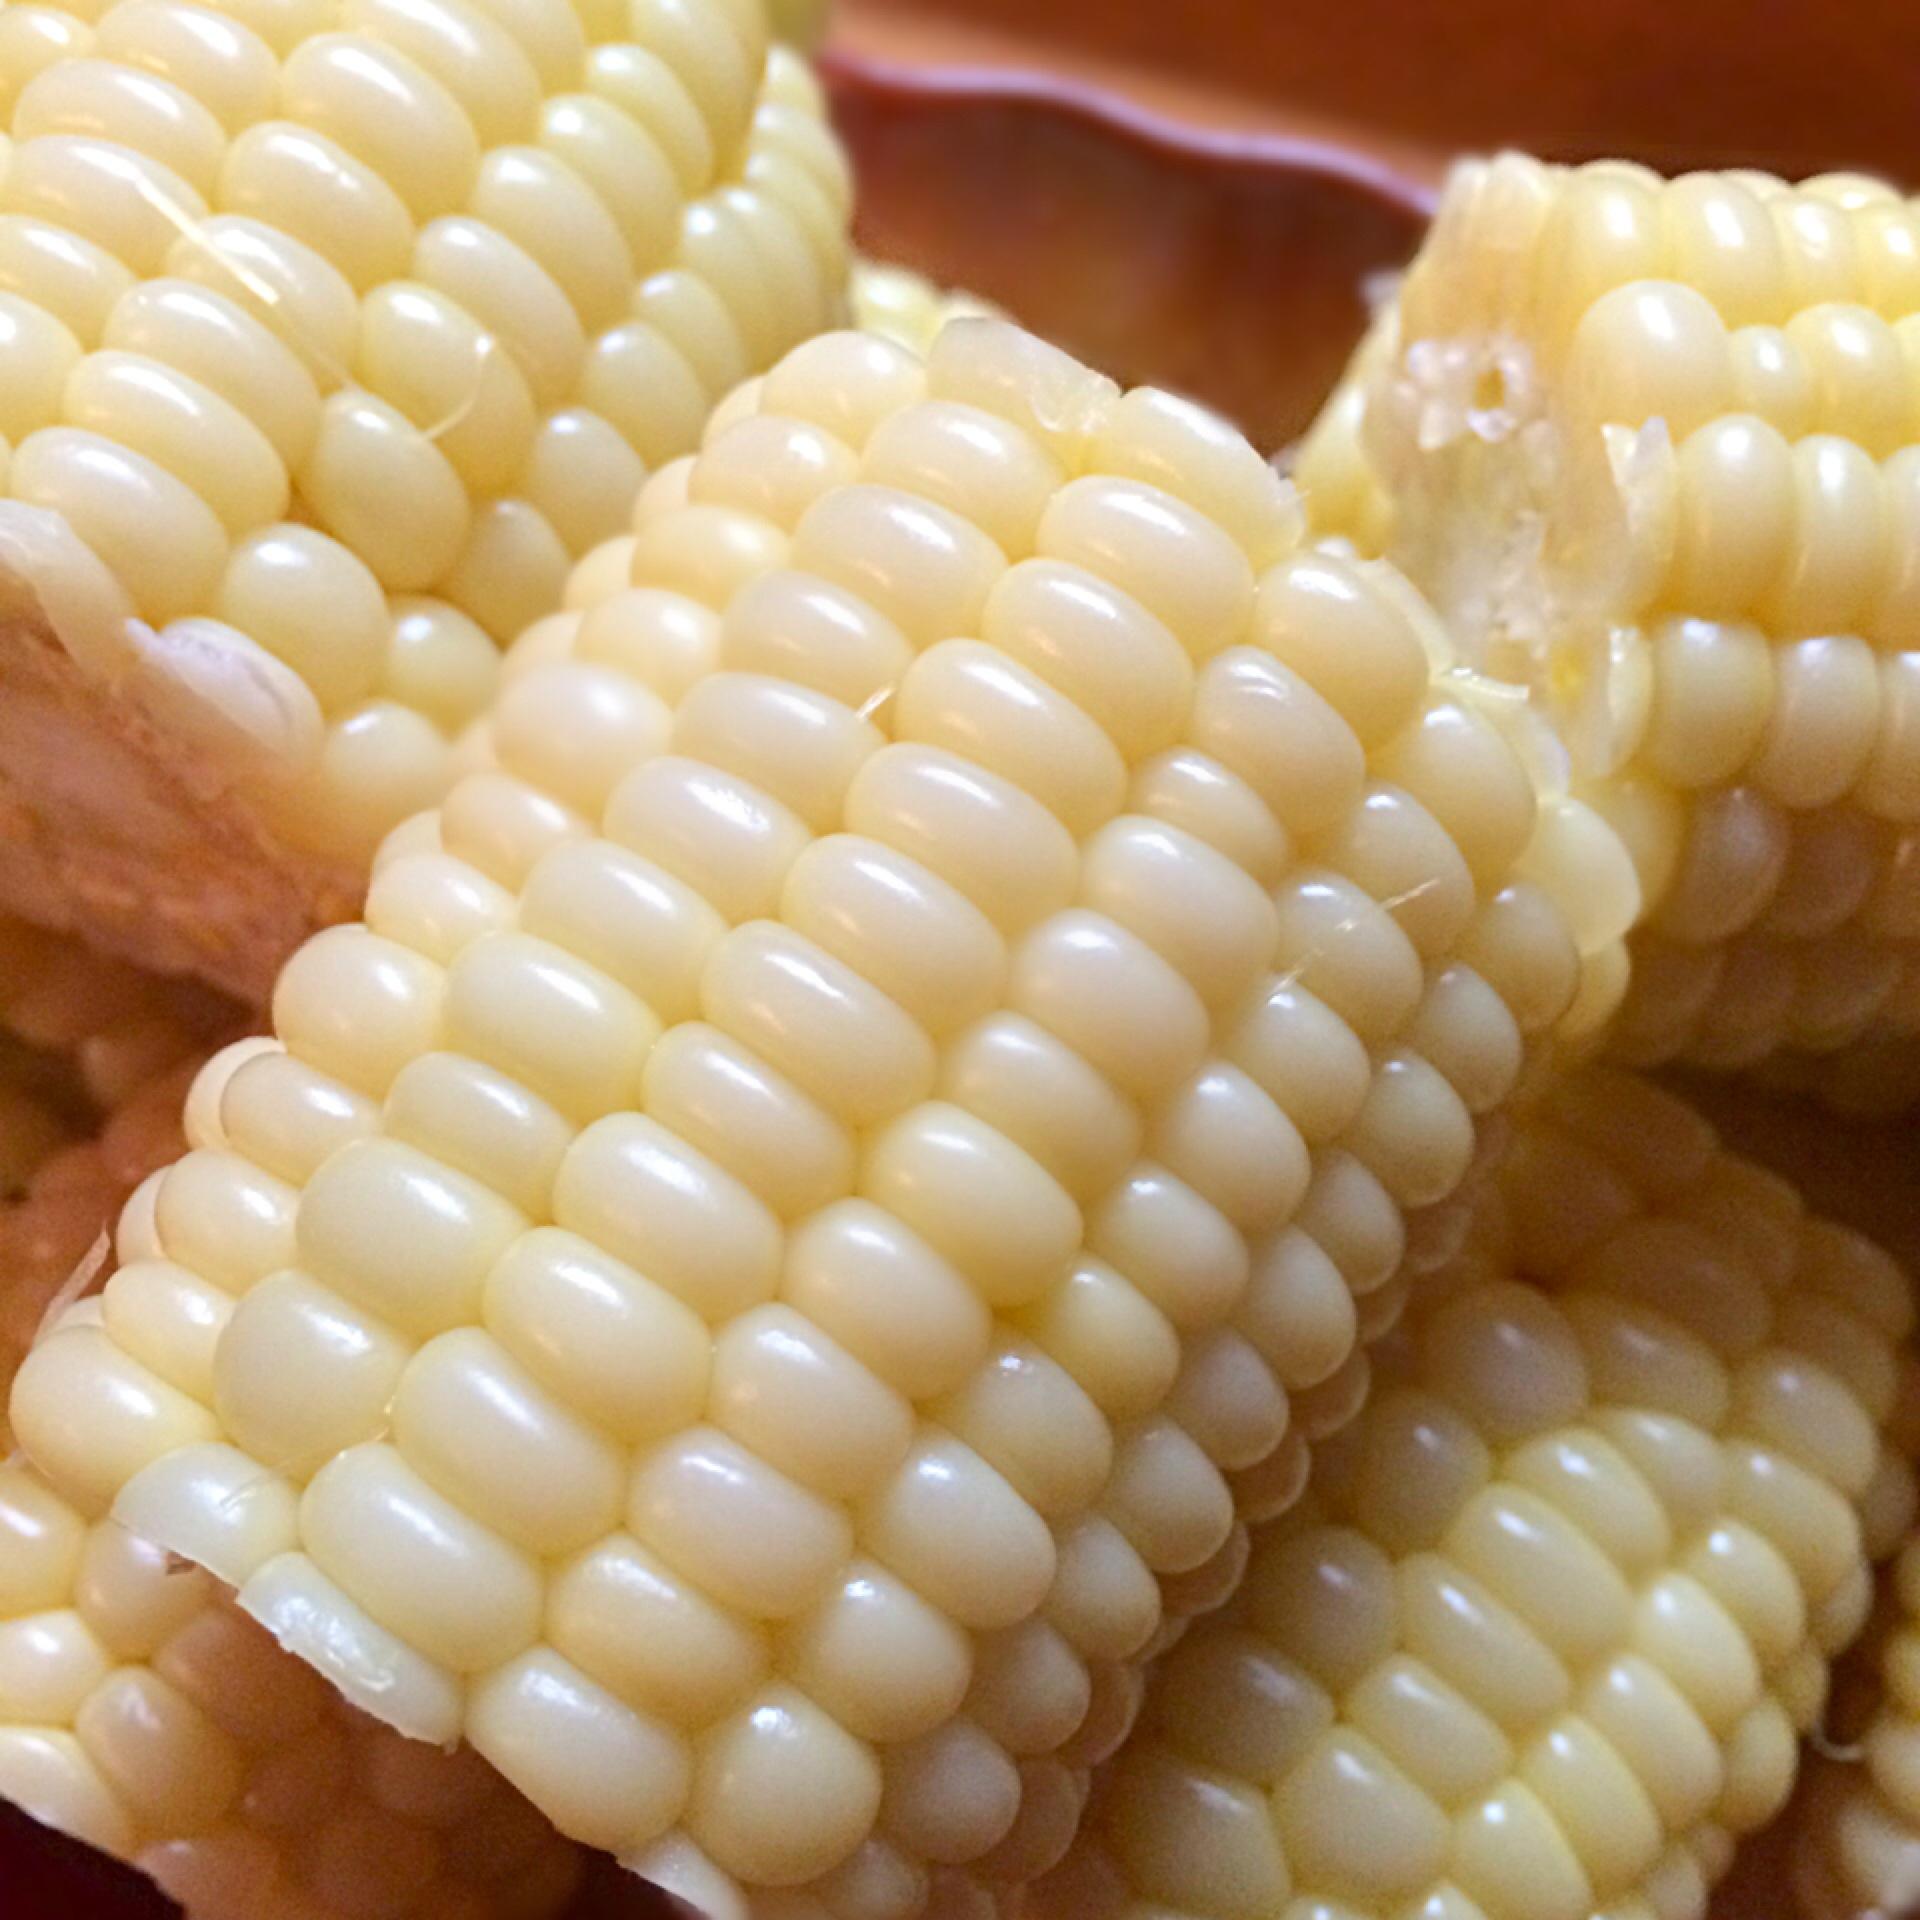 メロンよりも甘い!? 白いとうもろこし「ピュアホワイト」の味わいや食べ方の画像